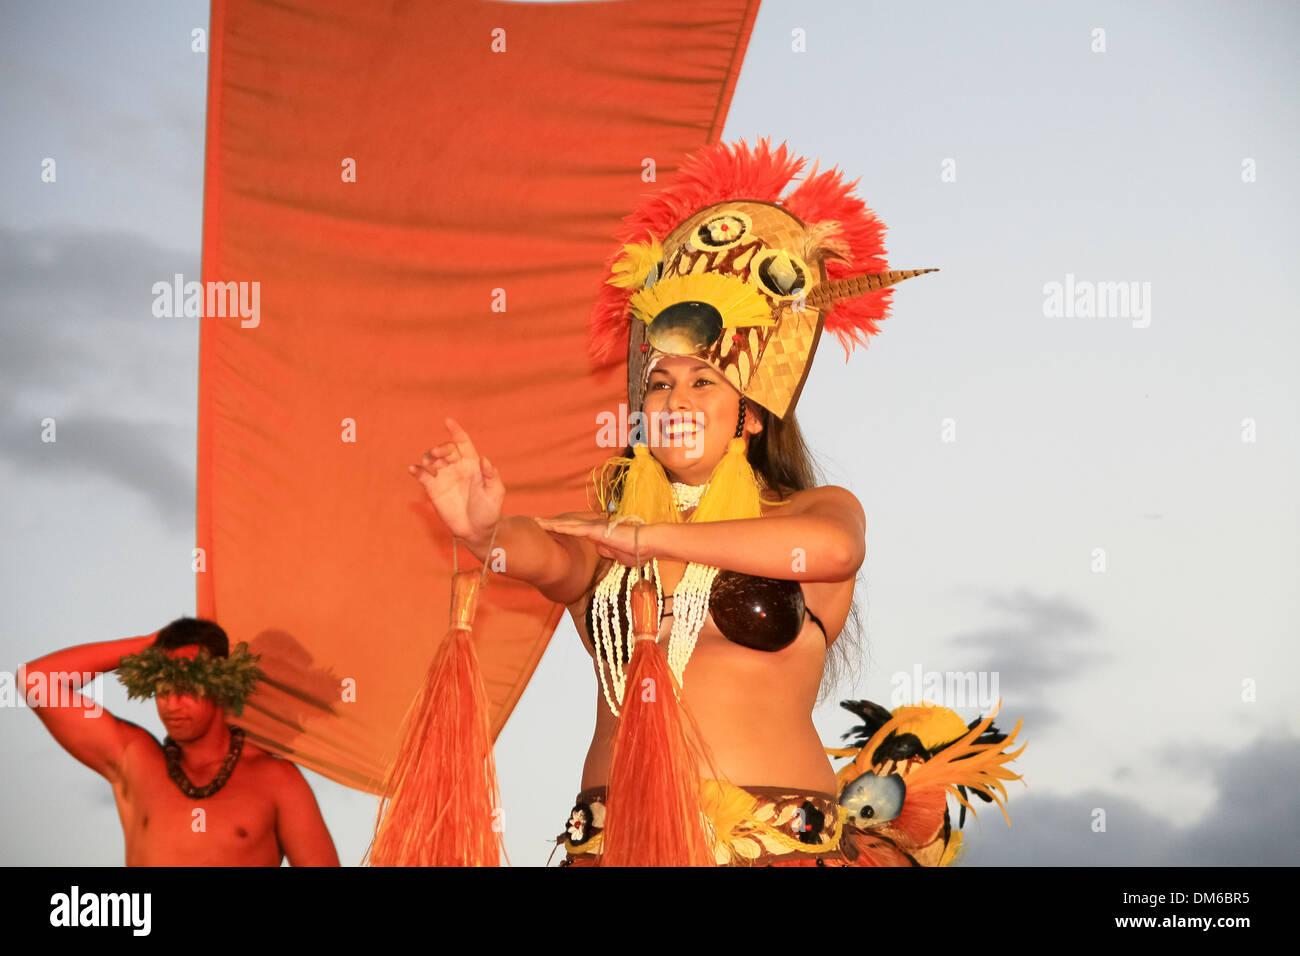 Hula dancers, Maui, Hawaii, USA Stock Photo